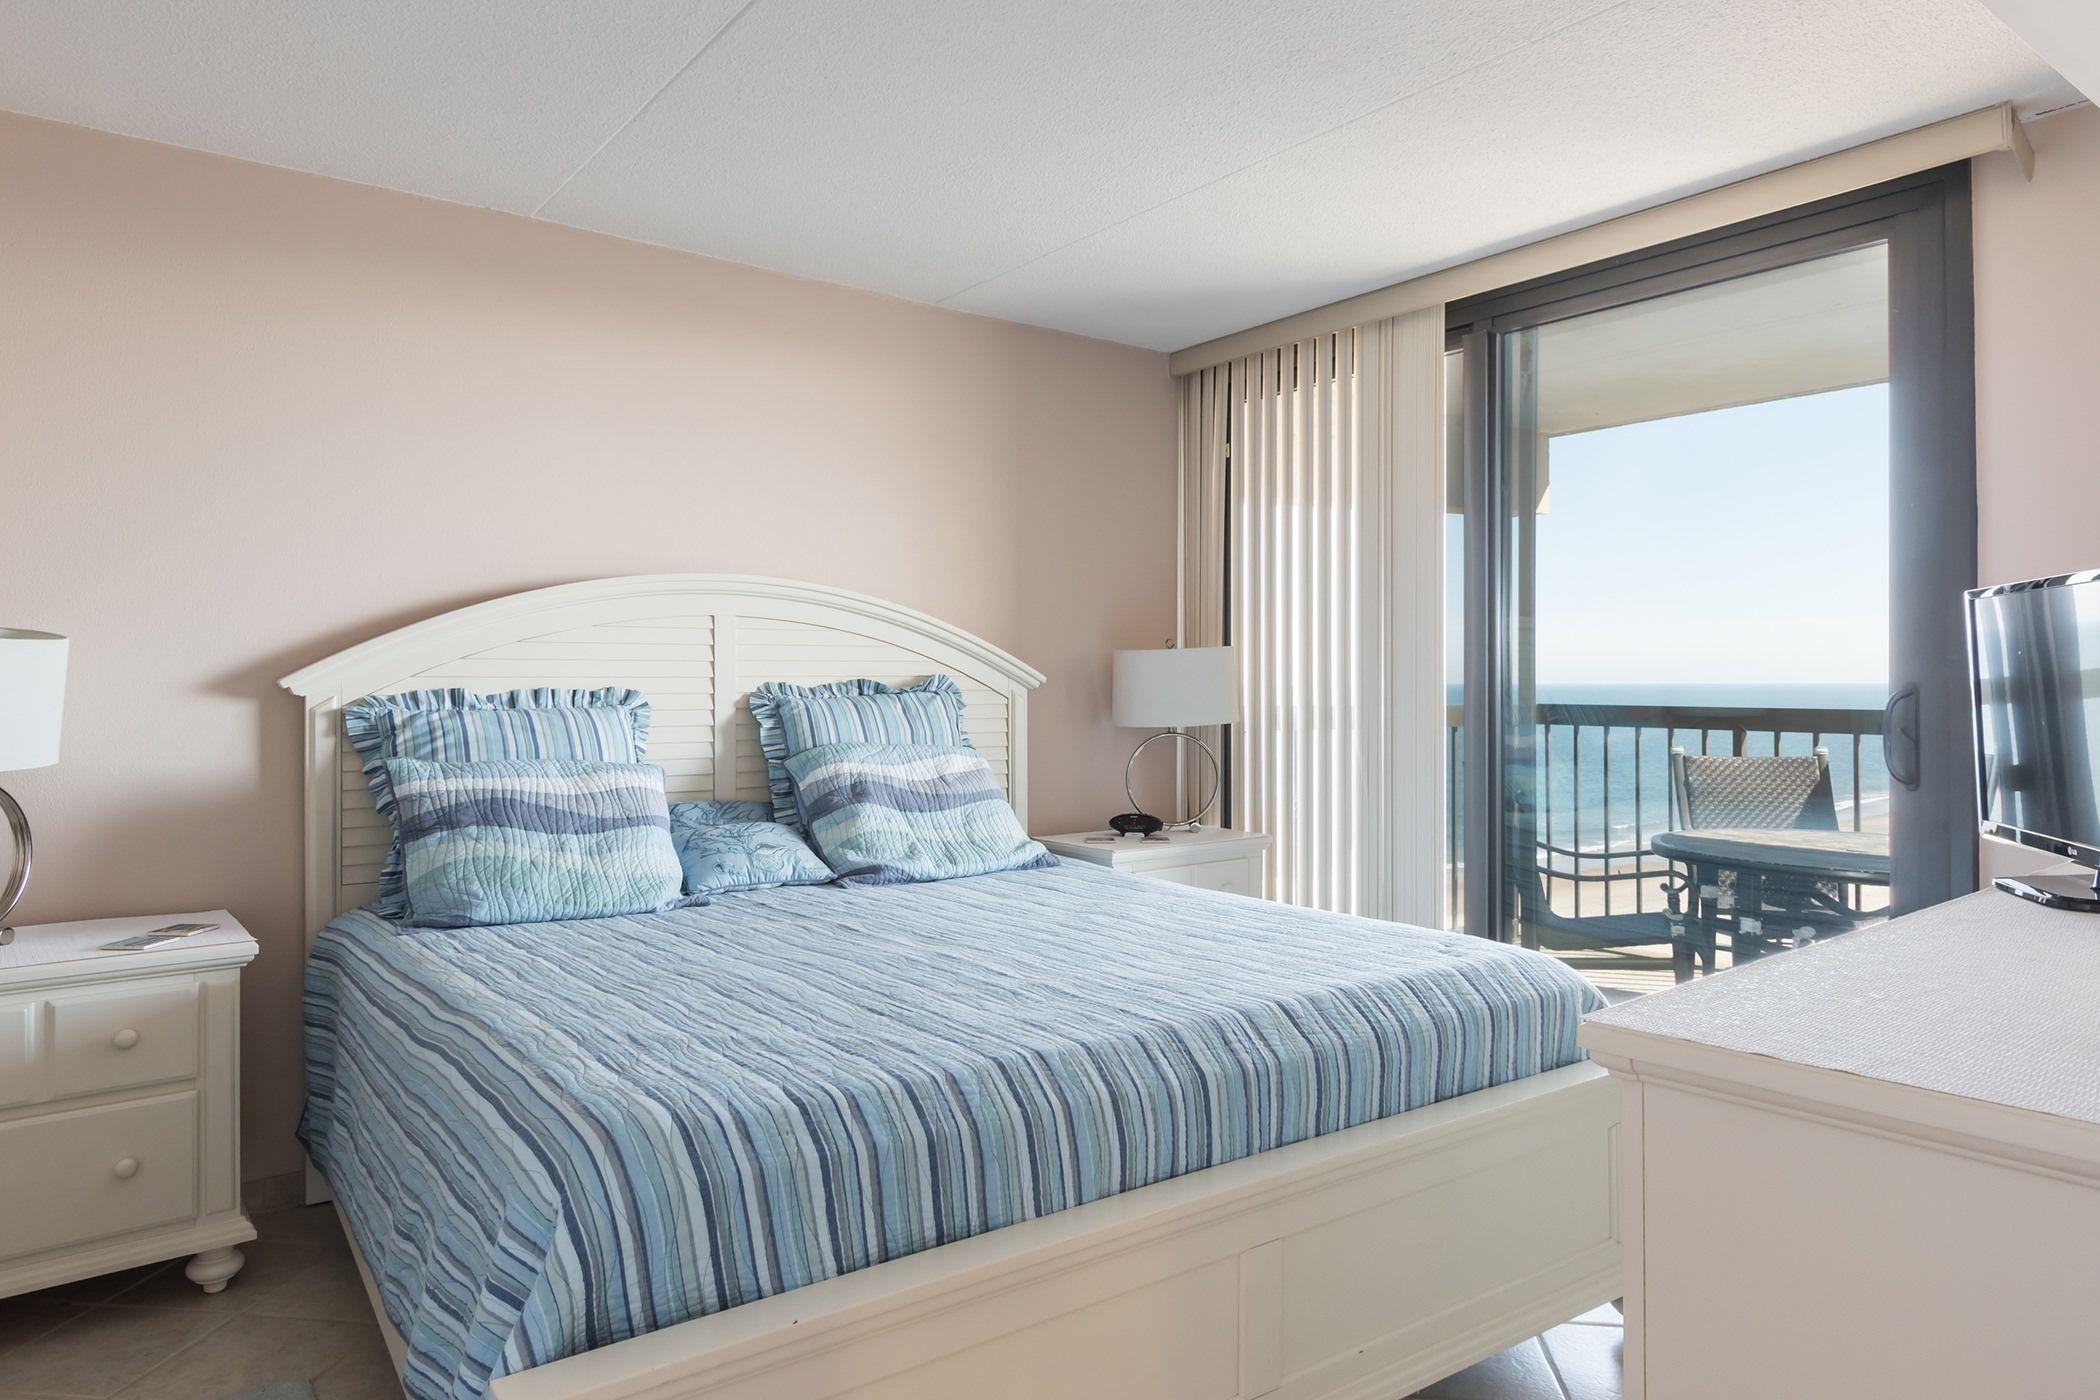 Pin On Sea Watch 1414 Ocean View Condo In Ocean City Md 2 Bedrooms Den 2 Bathrooms